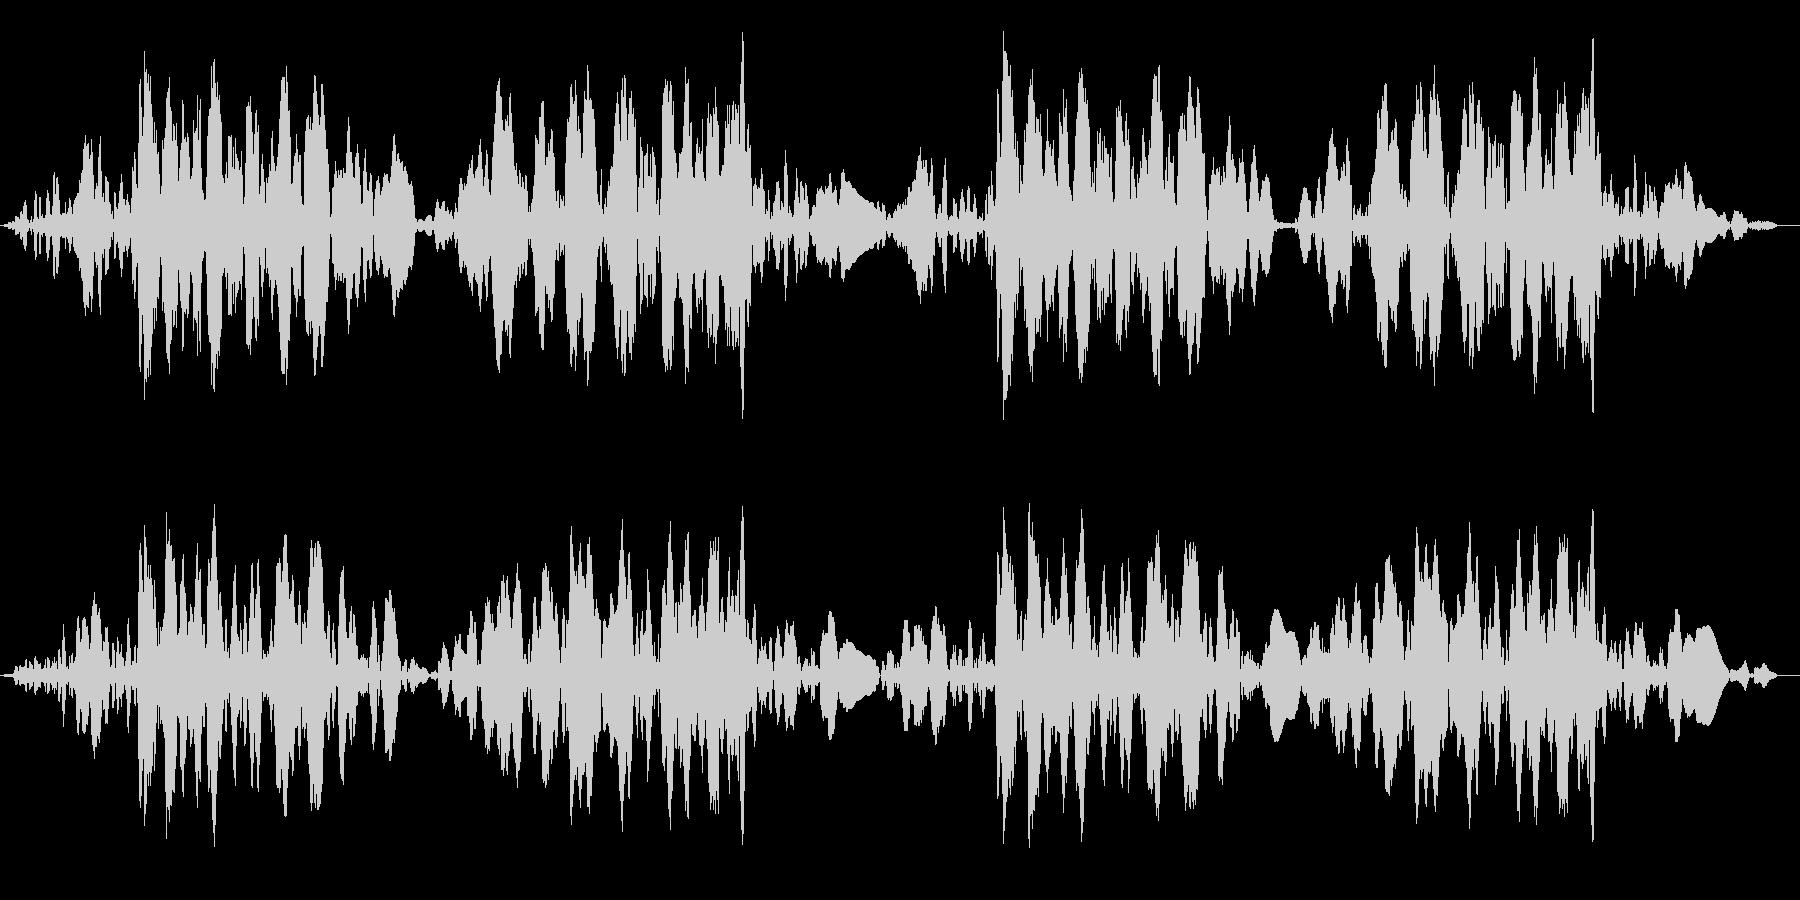 ジュクジュク(レコードスクラッチ2回)の未再生の波形